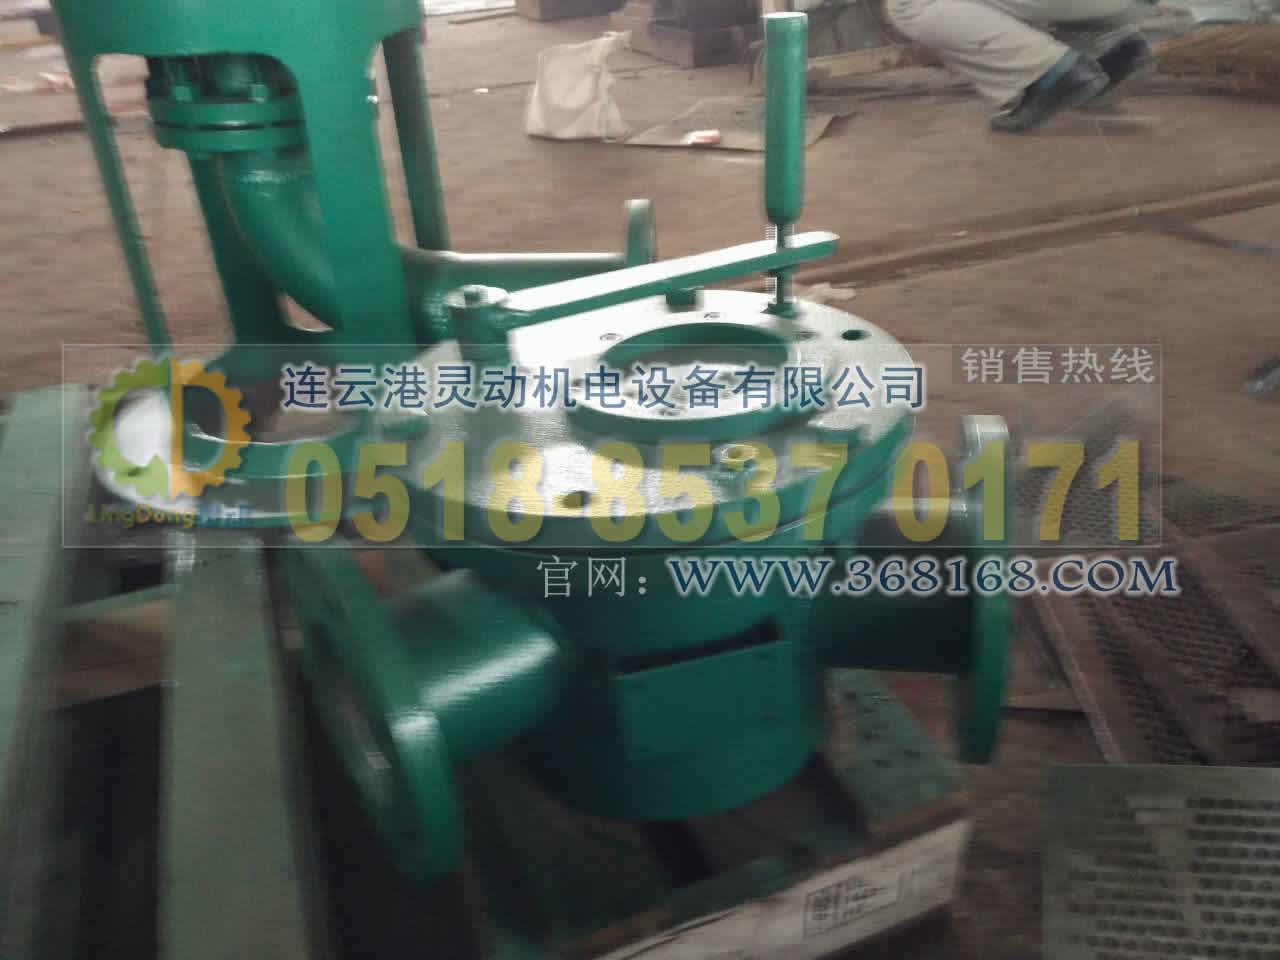 凝汽器胶球清洗装置分汇器生产厂家